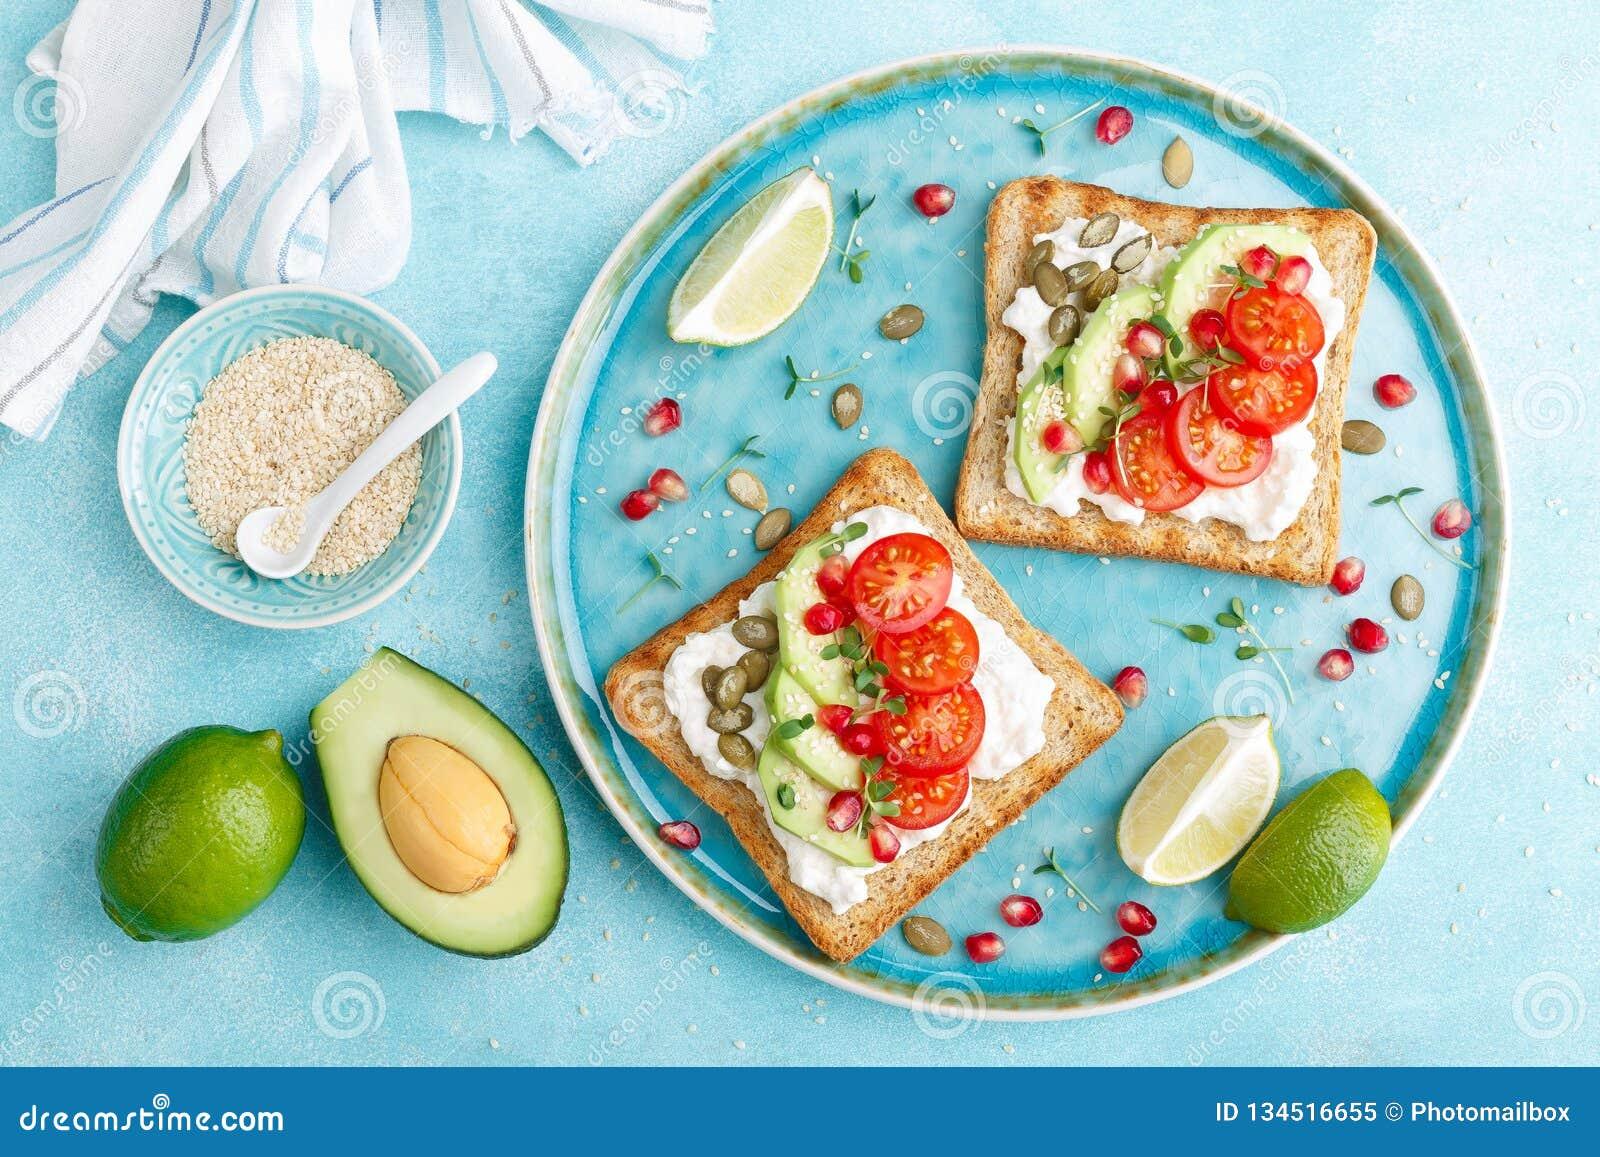 Toosts met feta-kaas, tomaten, avocado, granaatappel, pompoenzaden en lijnzaadspruiten Heerlijk en gezond dieetontbijt